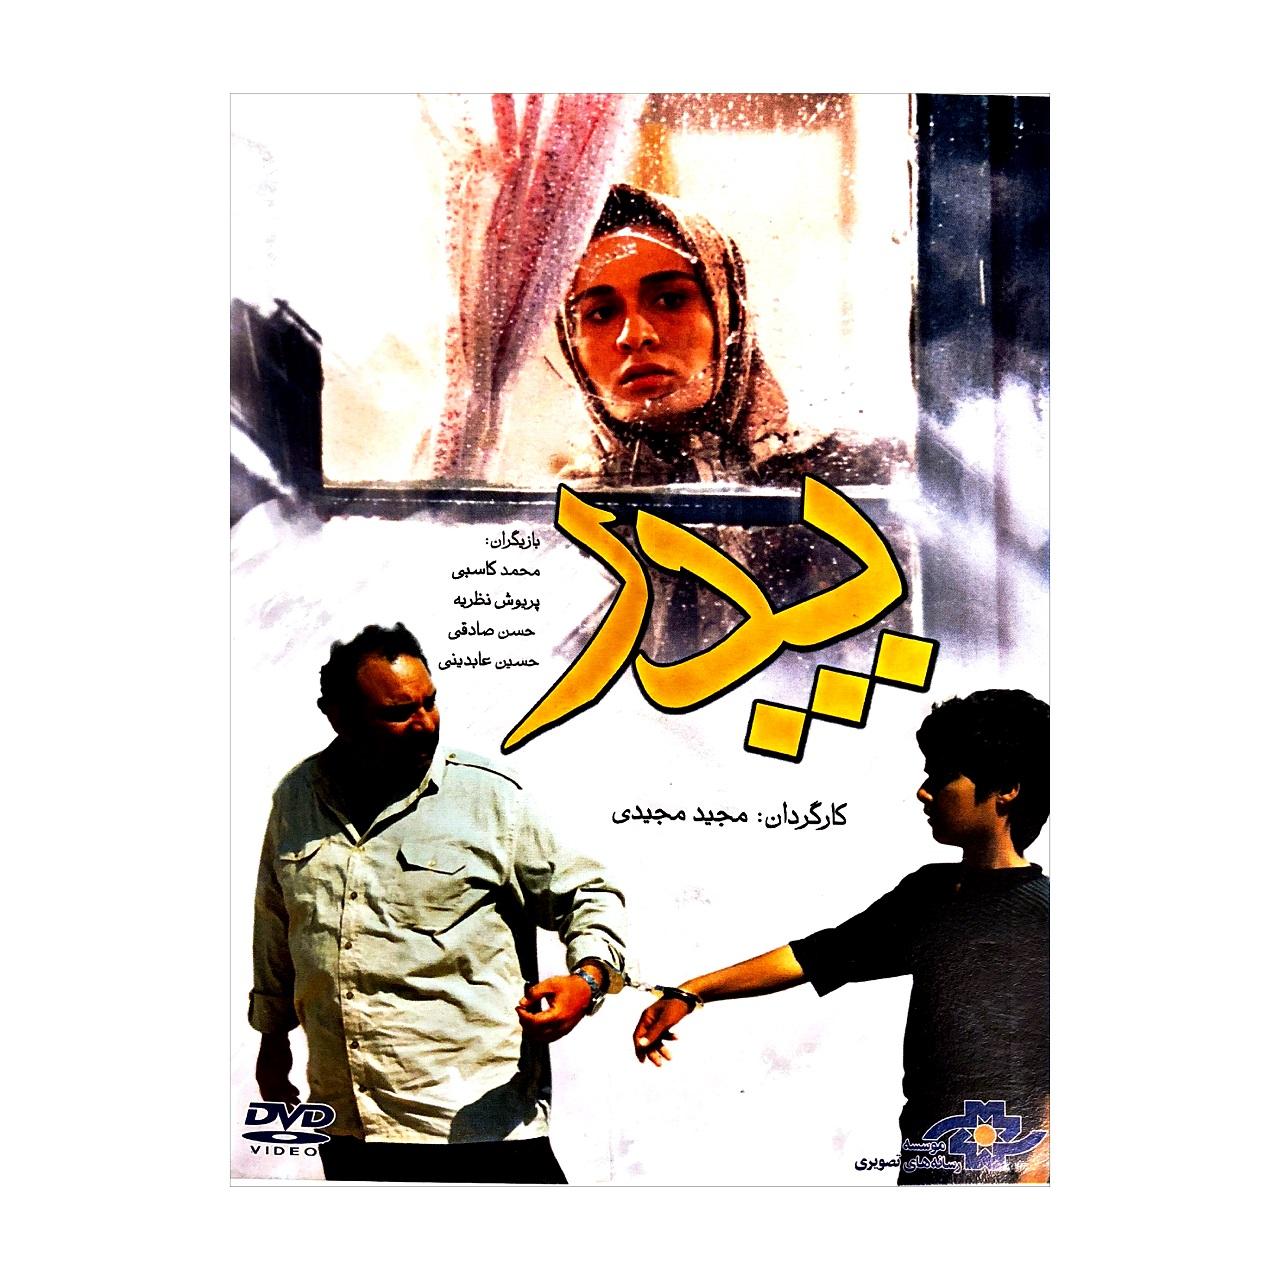 فیلم سینمایی پدر اثر مجید مجیدی |